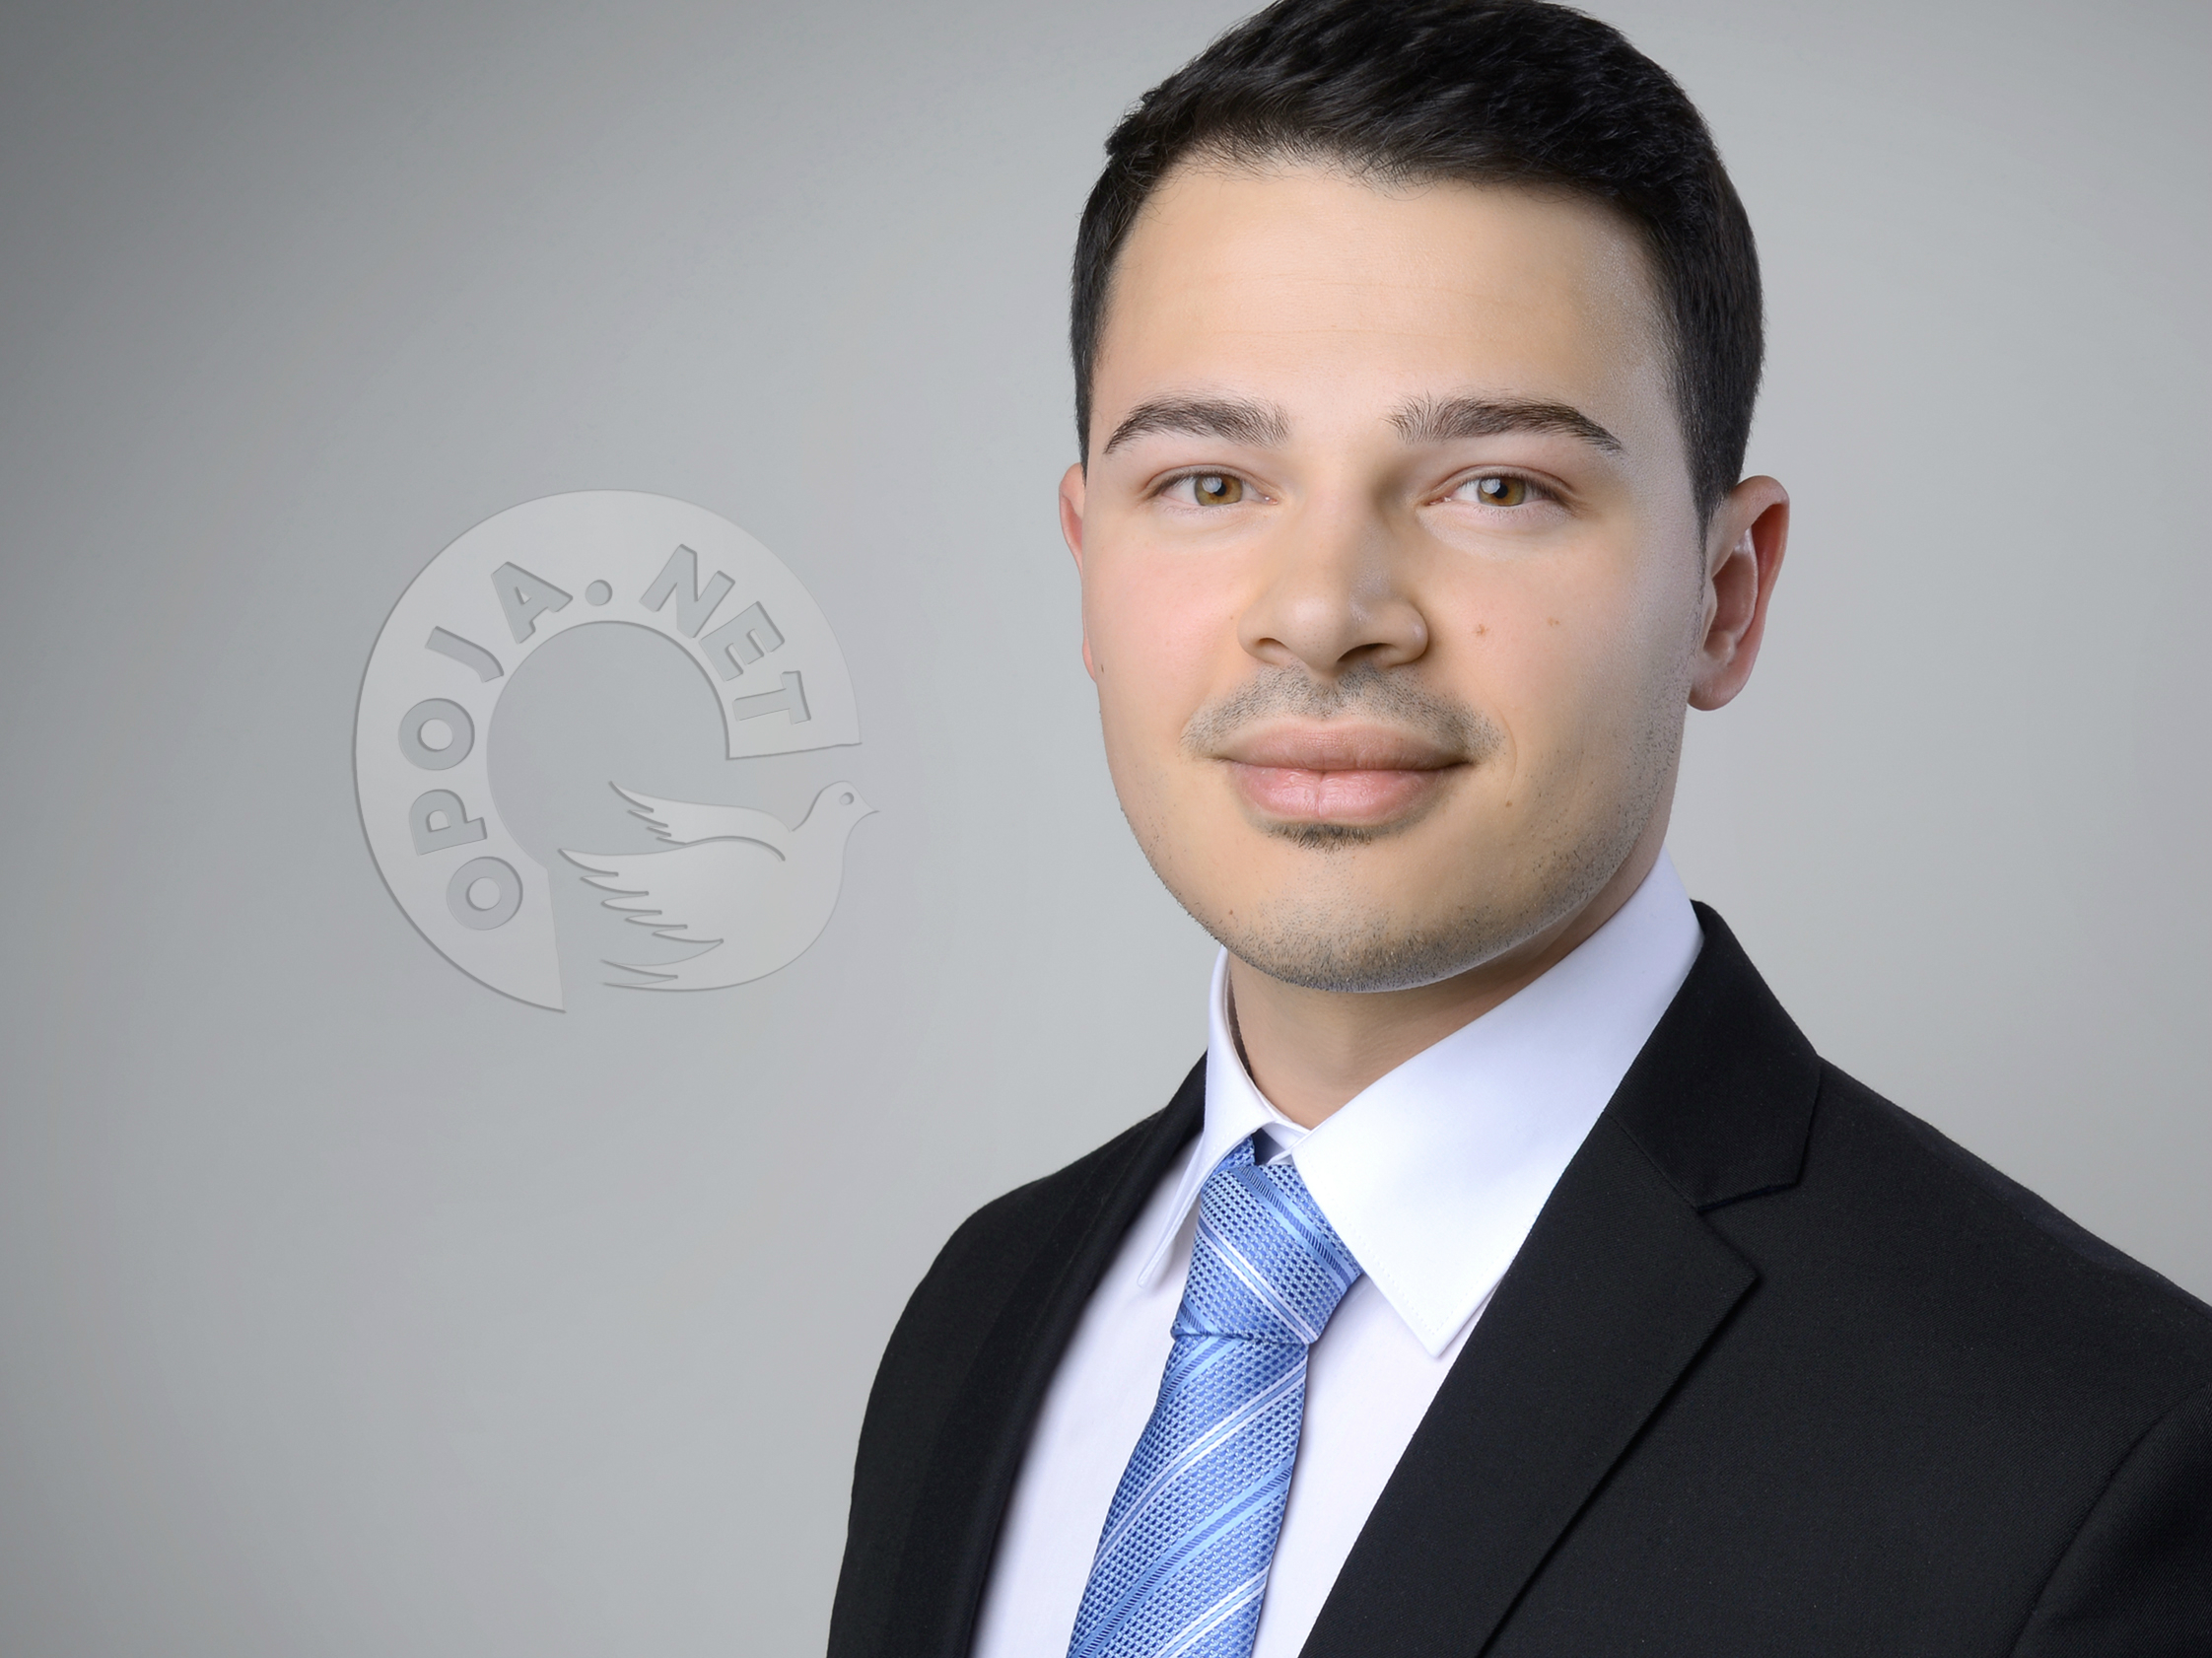 Opojani Shkëlqim Qengaj arrinë suksese në kompanitë botërore për marketing